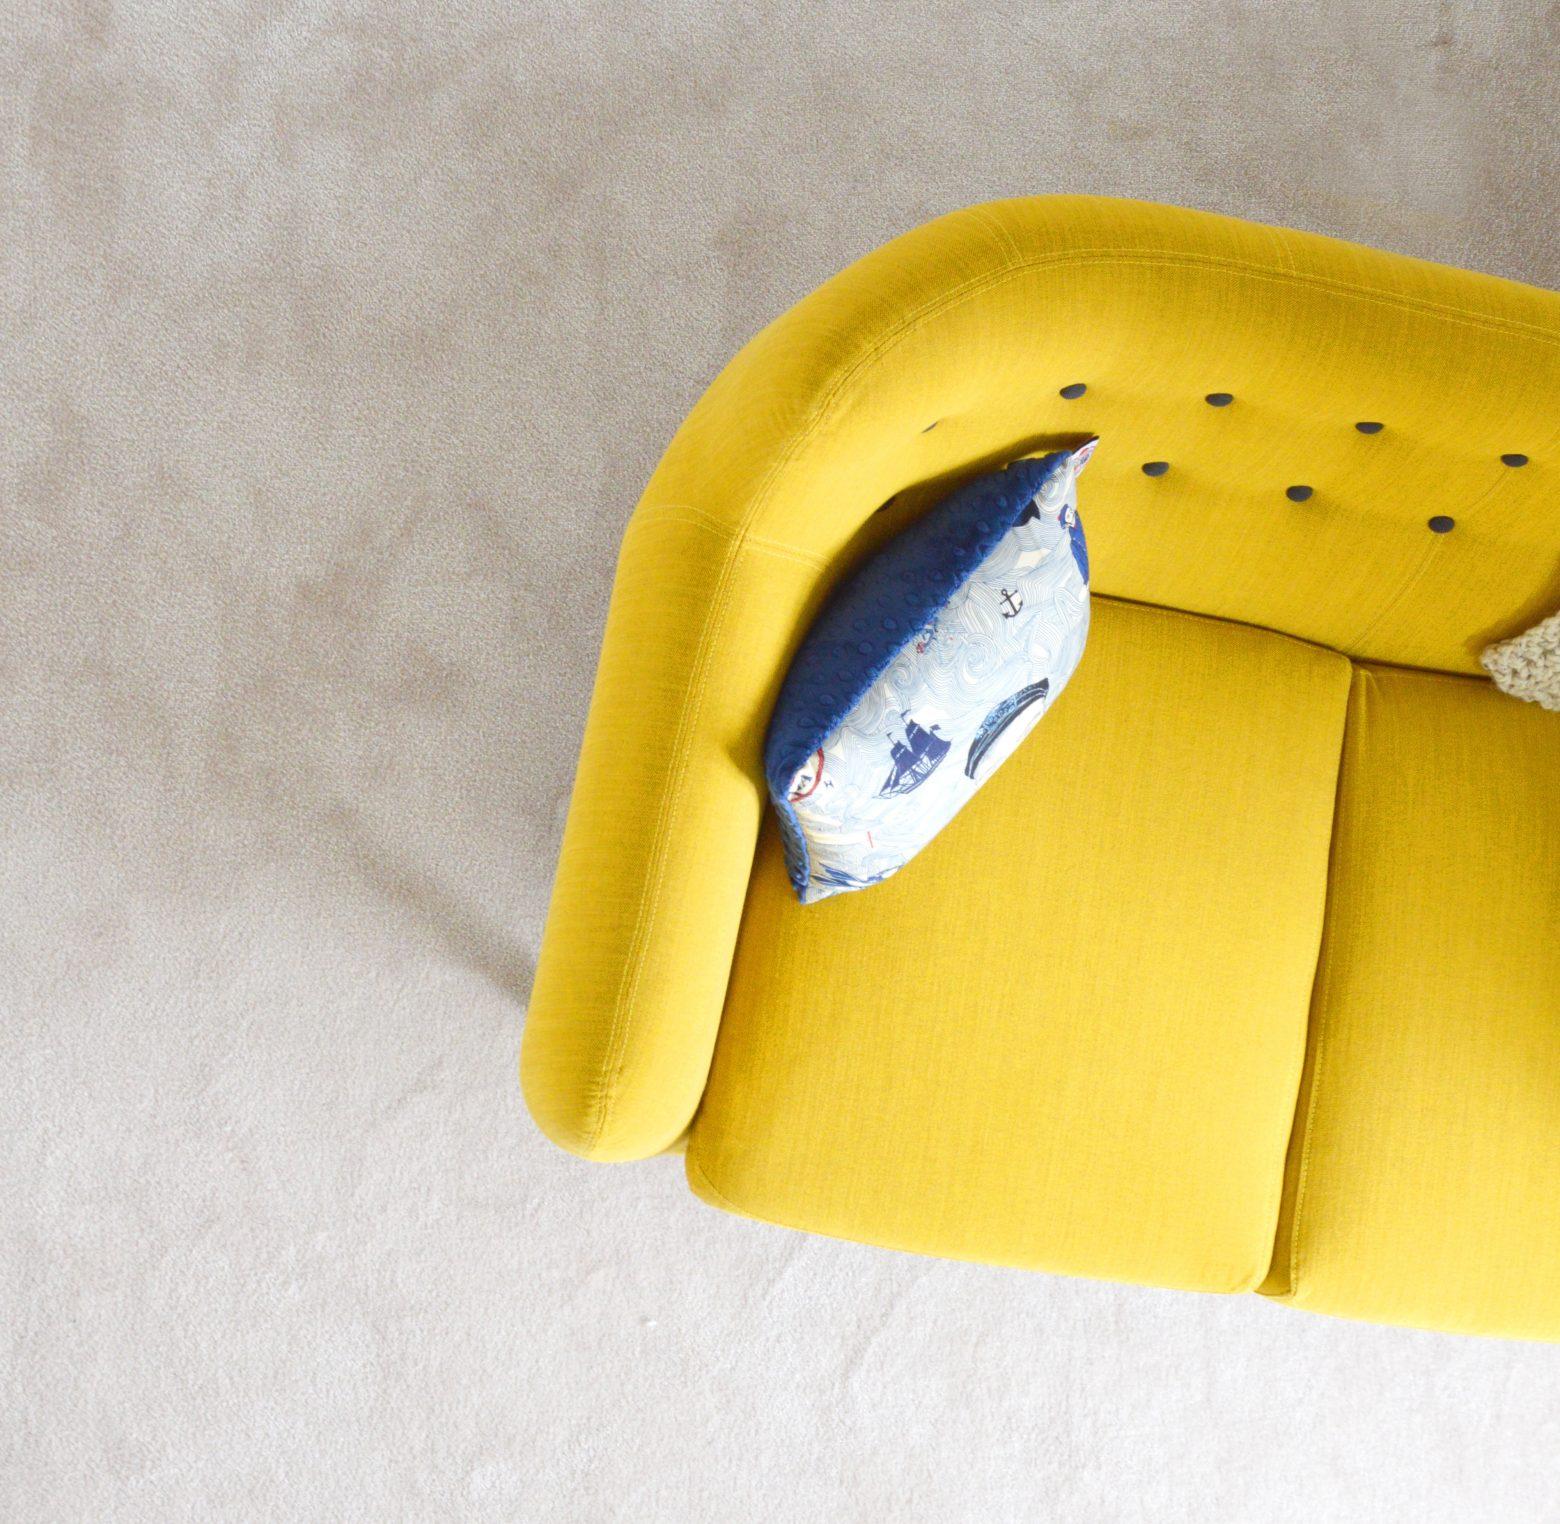 Sofa and pillow